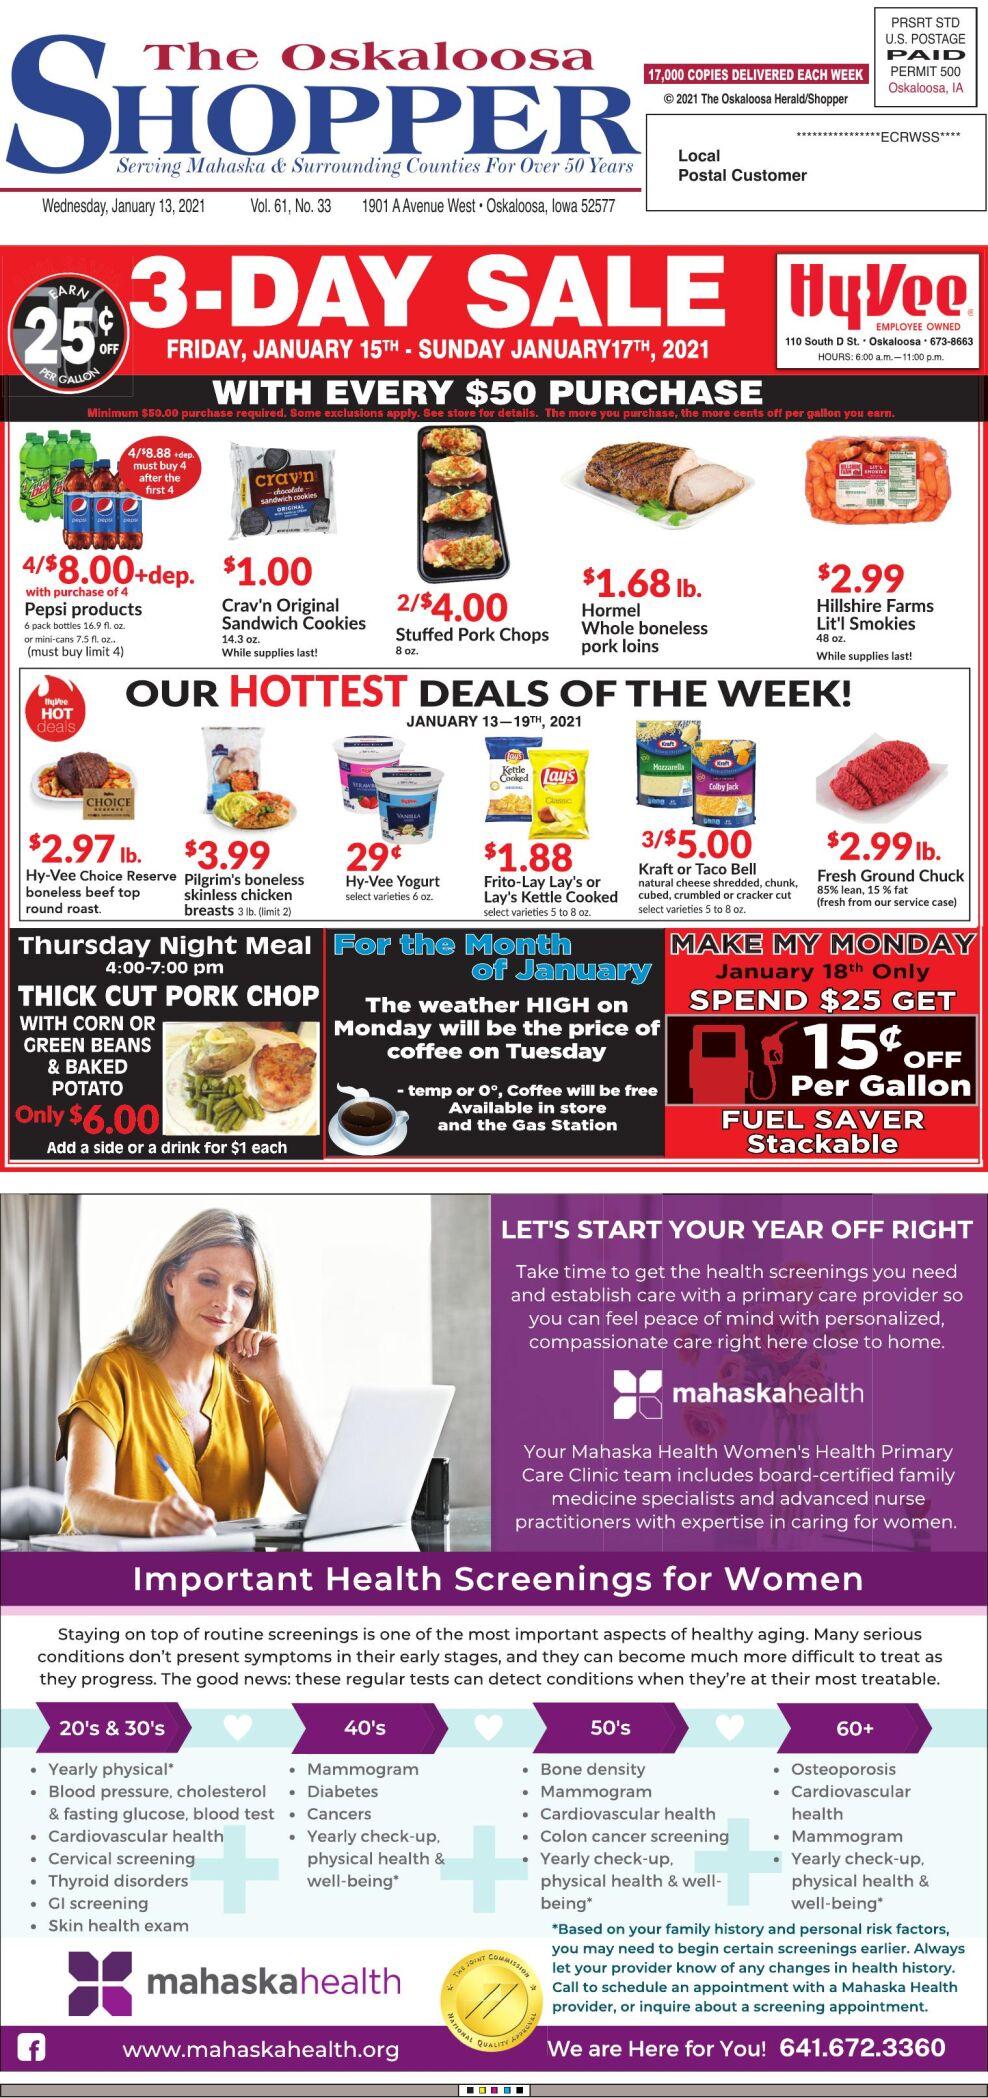 Oskaloosa Shopper week of 1/13/21